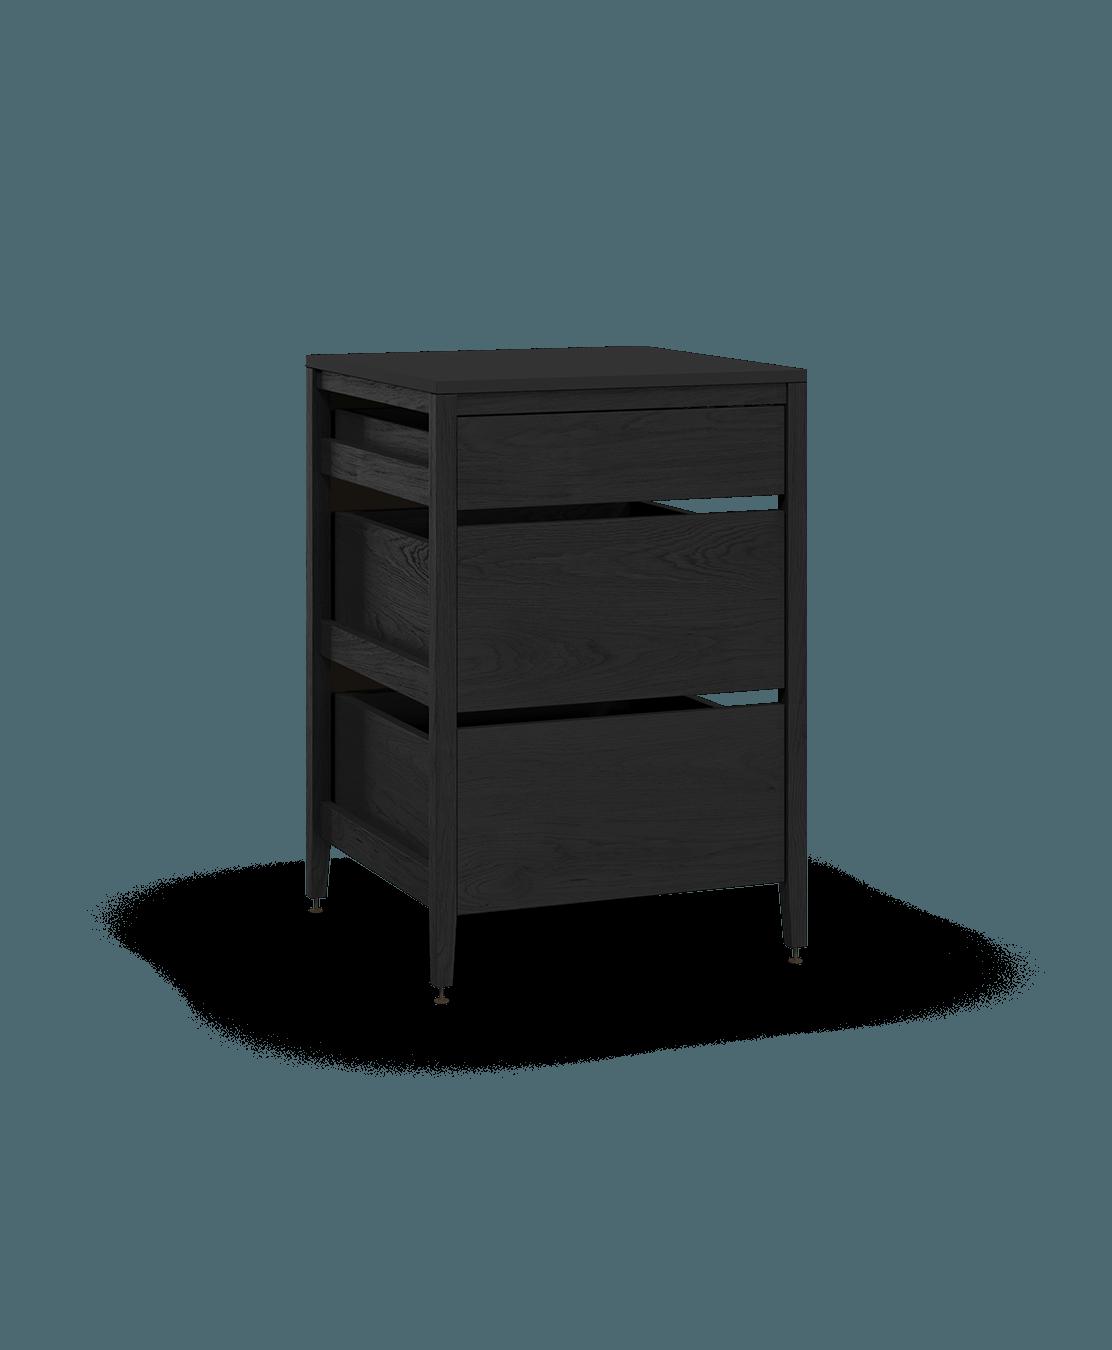 armoire de cuisine modulaire inférieure en bois massif coquo radix avec 3 tiroirs chêne teint noir nuit profonde 27 pouces C1-C-27TB-3001-BK